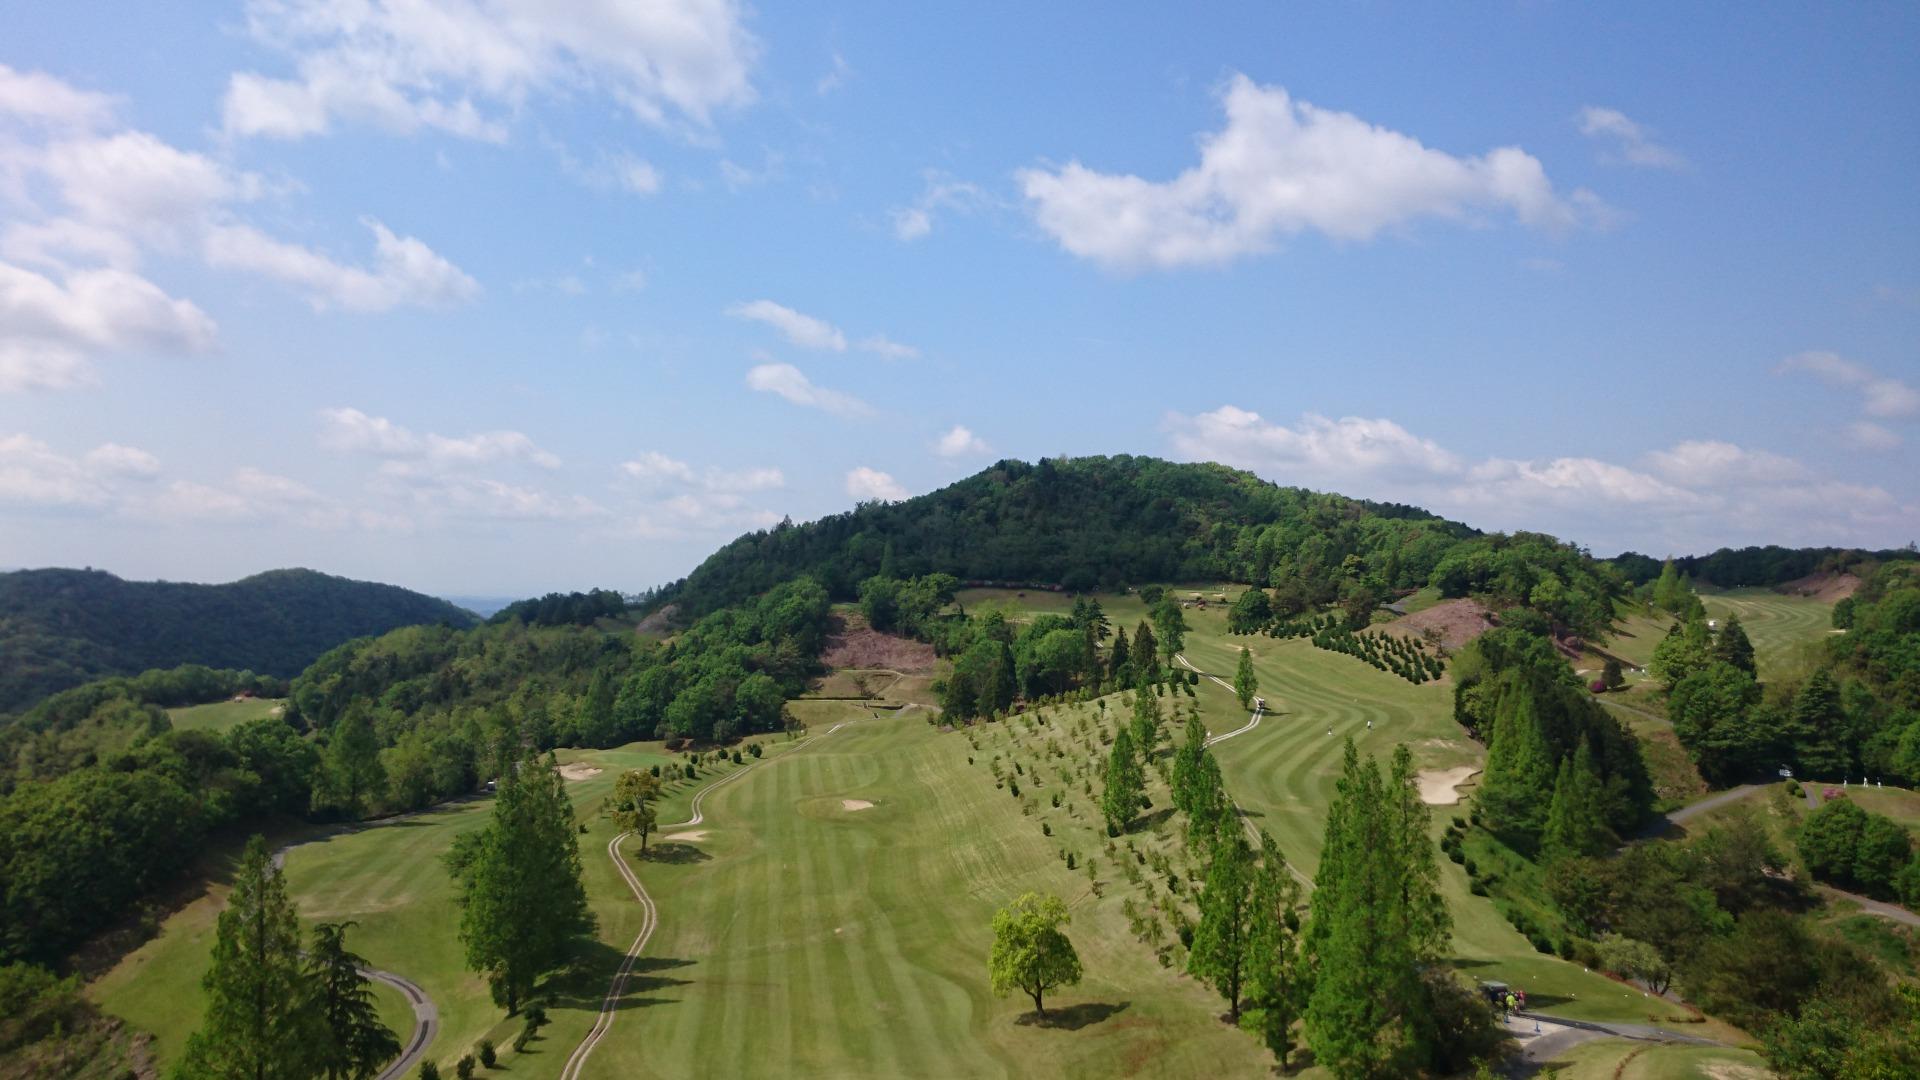 ロイヤル ゴルフ クラブ 沖縄